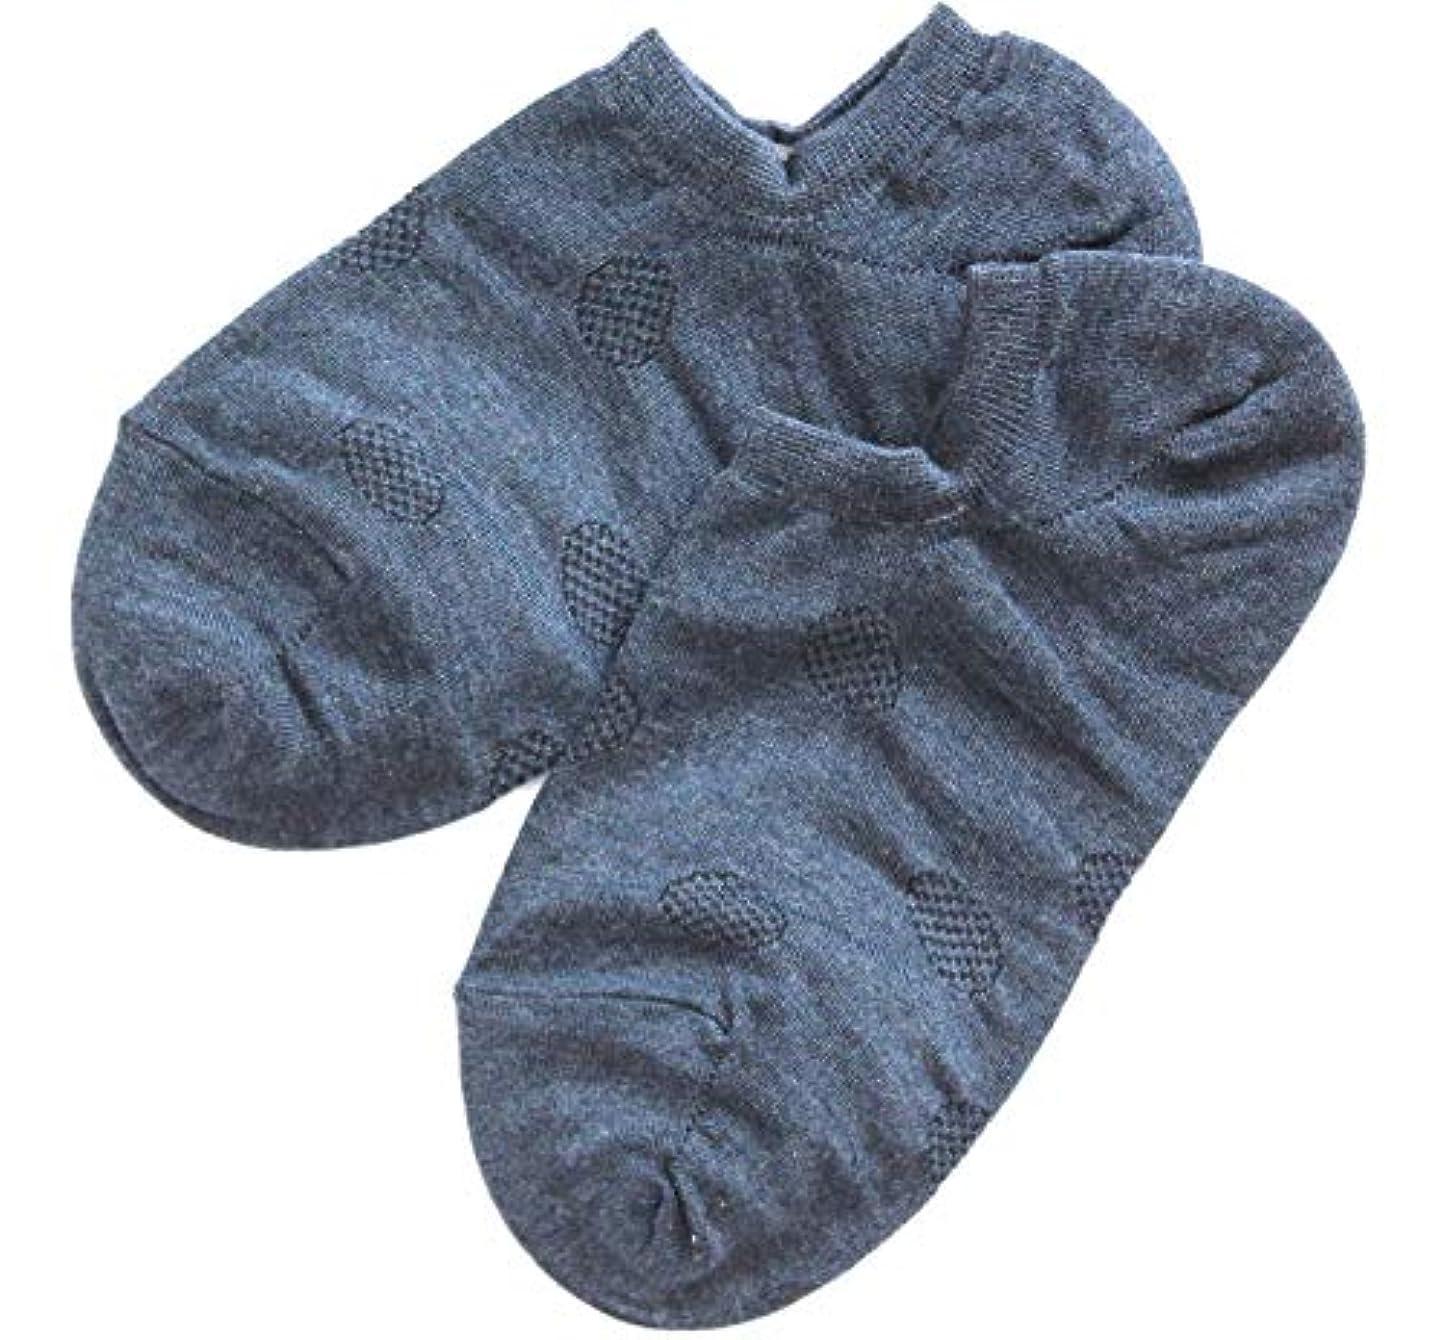 ファンド起きて修正温むすび かかとケア靴下 【足うら美人カバーソックスタイプ 女性用 22~24cm ネイビー】 ひび割れ ケア 夏用